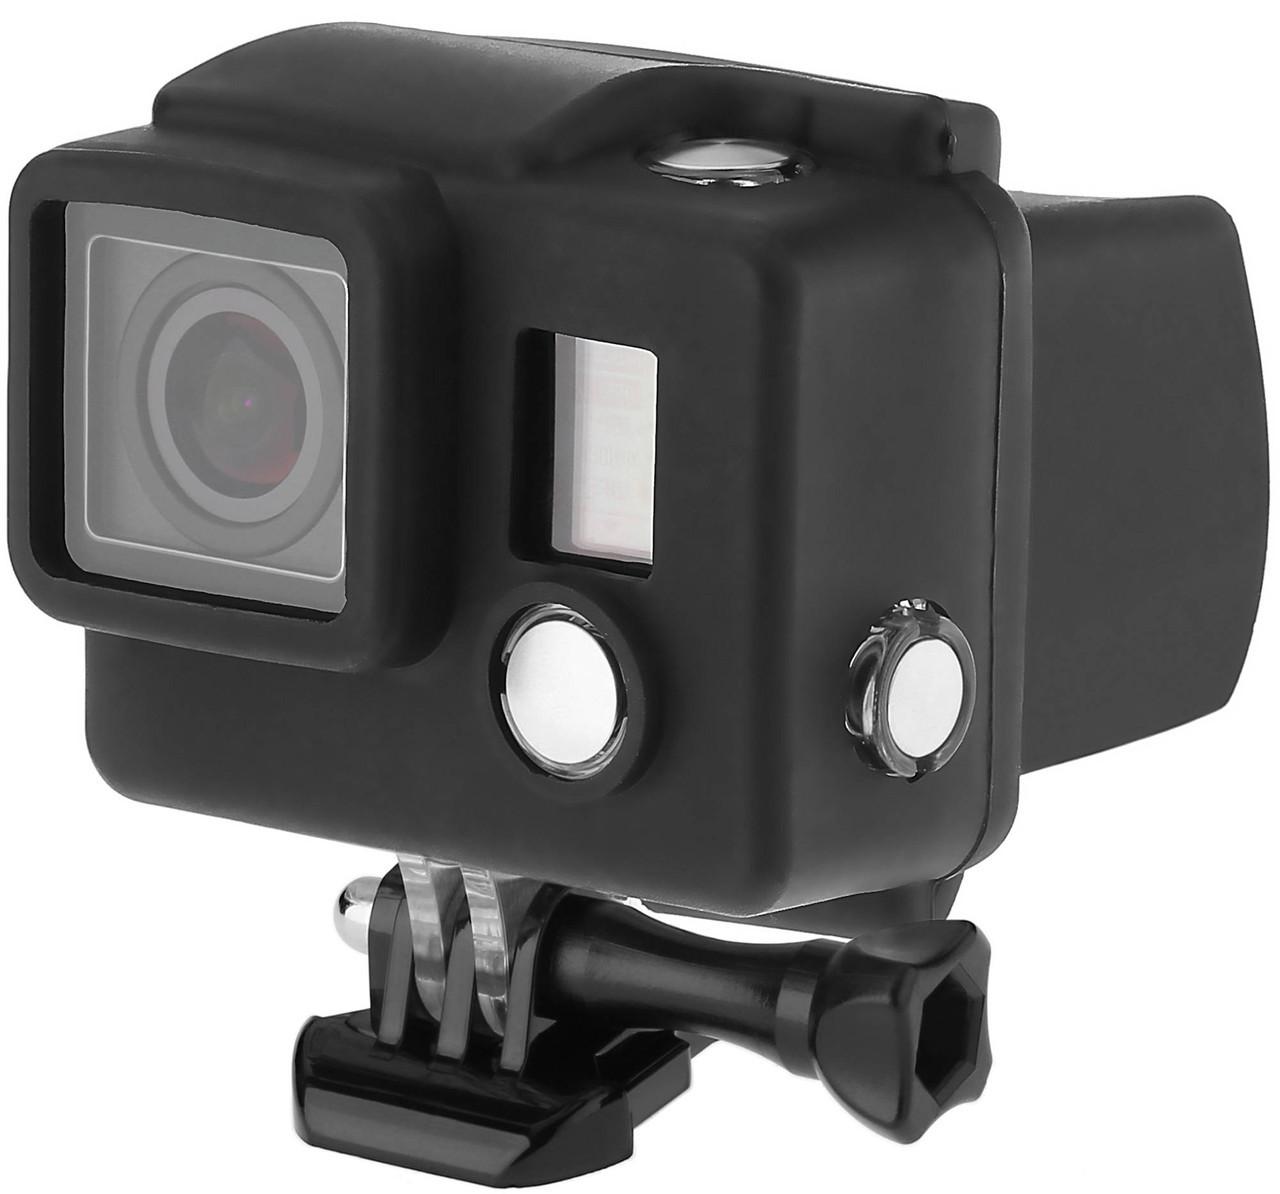 Силиконовый чехол для бокса для GoPro 3 4 5 6 7 Xiаomi Yi 4K Sjcam